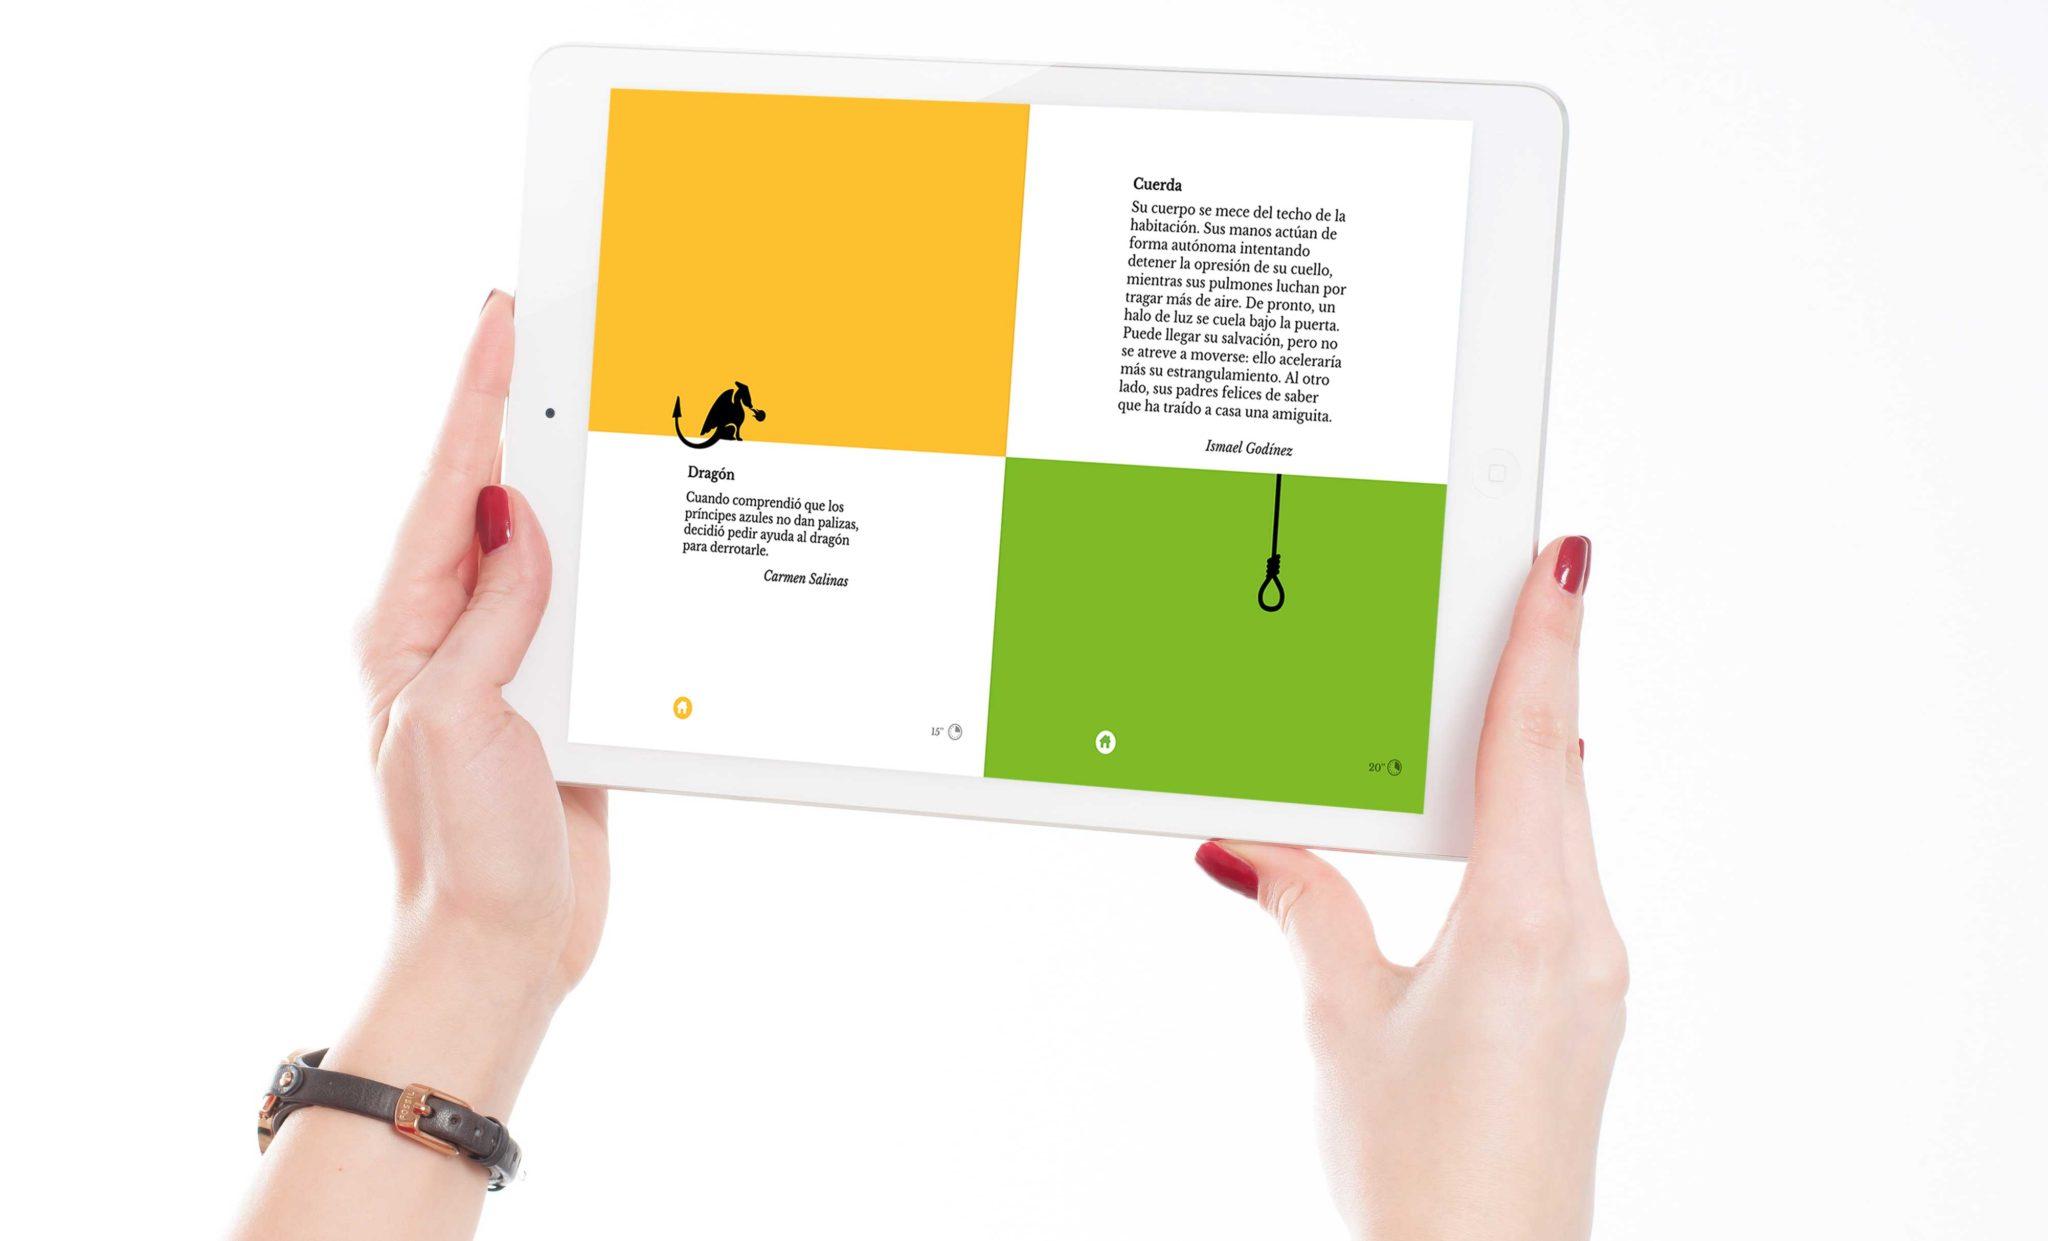 Microcuentos Disculpi Studio Angels Pinyol Digital Books Llibres Vilafranca del Penedes Disseny Grafic - MICROCUENTOS - Disseny i programació del llibre interactiu